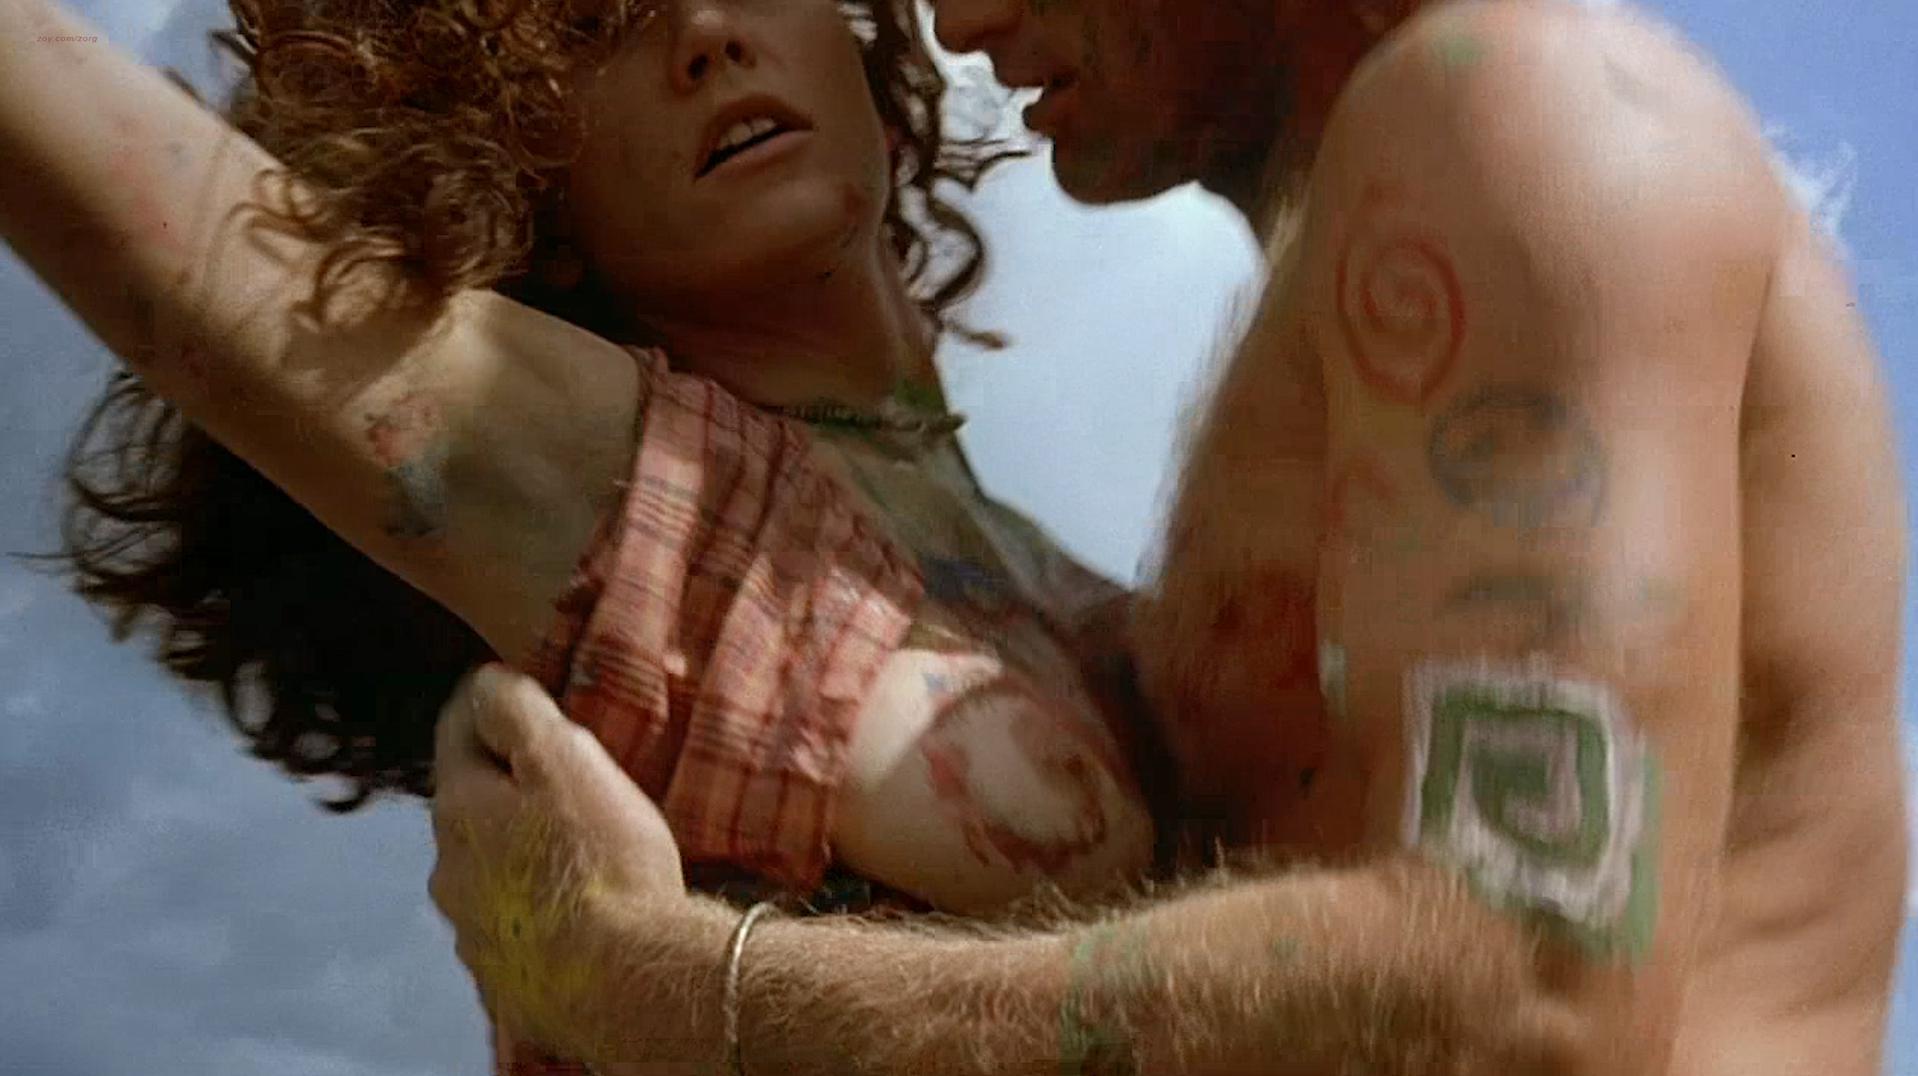 Diana lane nudes #9